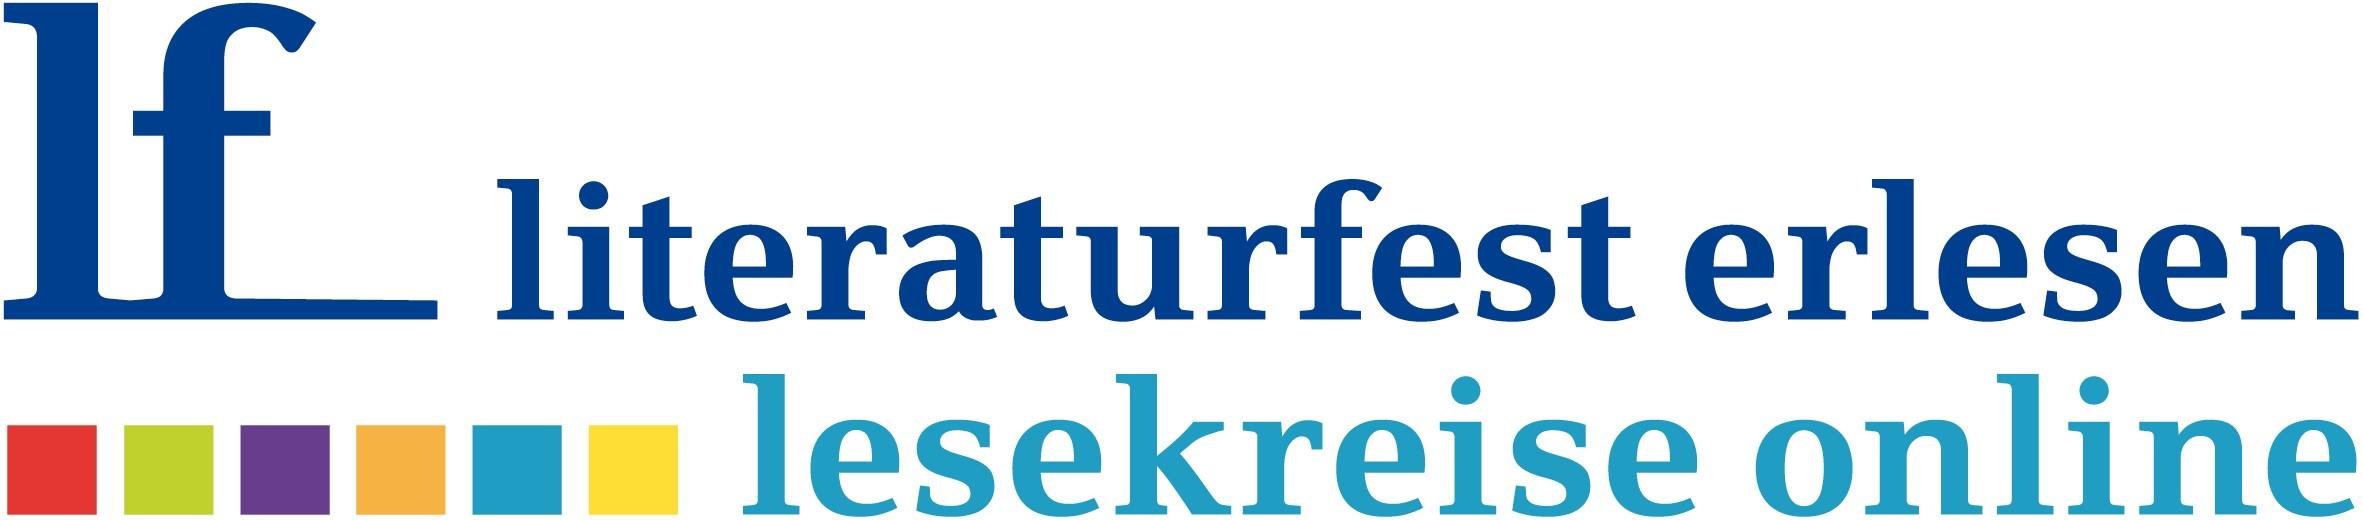 Literaturfest erlesen. Lesekreise online (Logo)